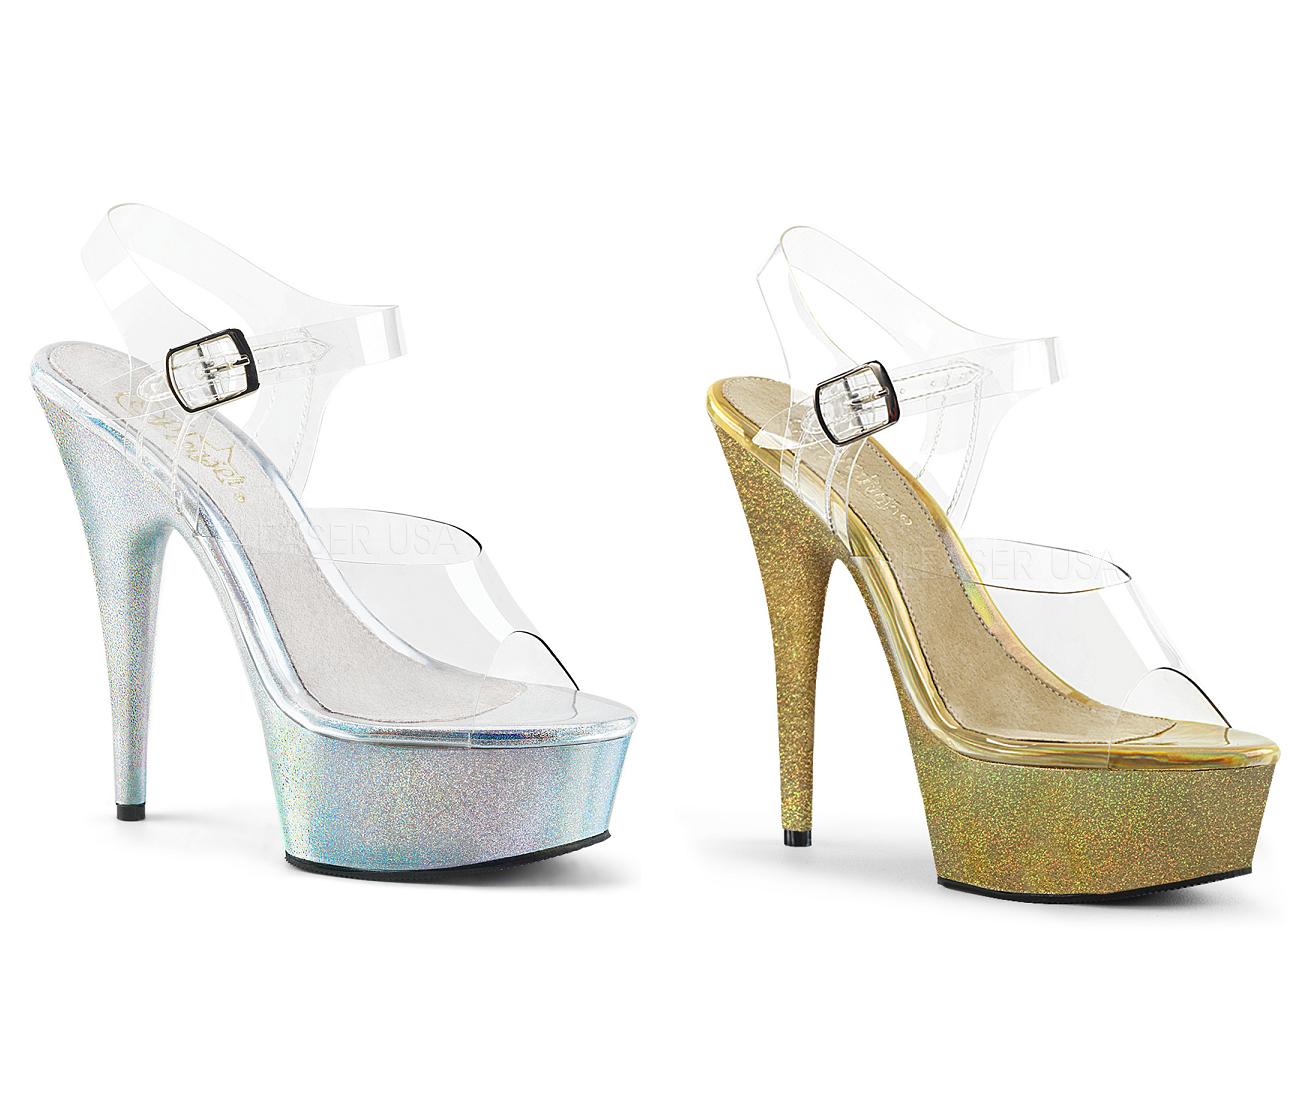 risparmia il 50% -75% di sconto Pleaser DELIGHT-608HG Platform Ankle Strap Sandal Holographic Glitter 6    Heel  Negozio 2018